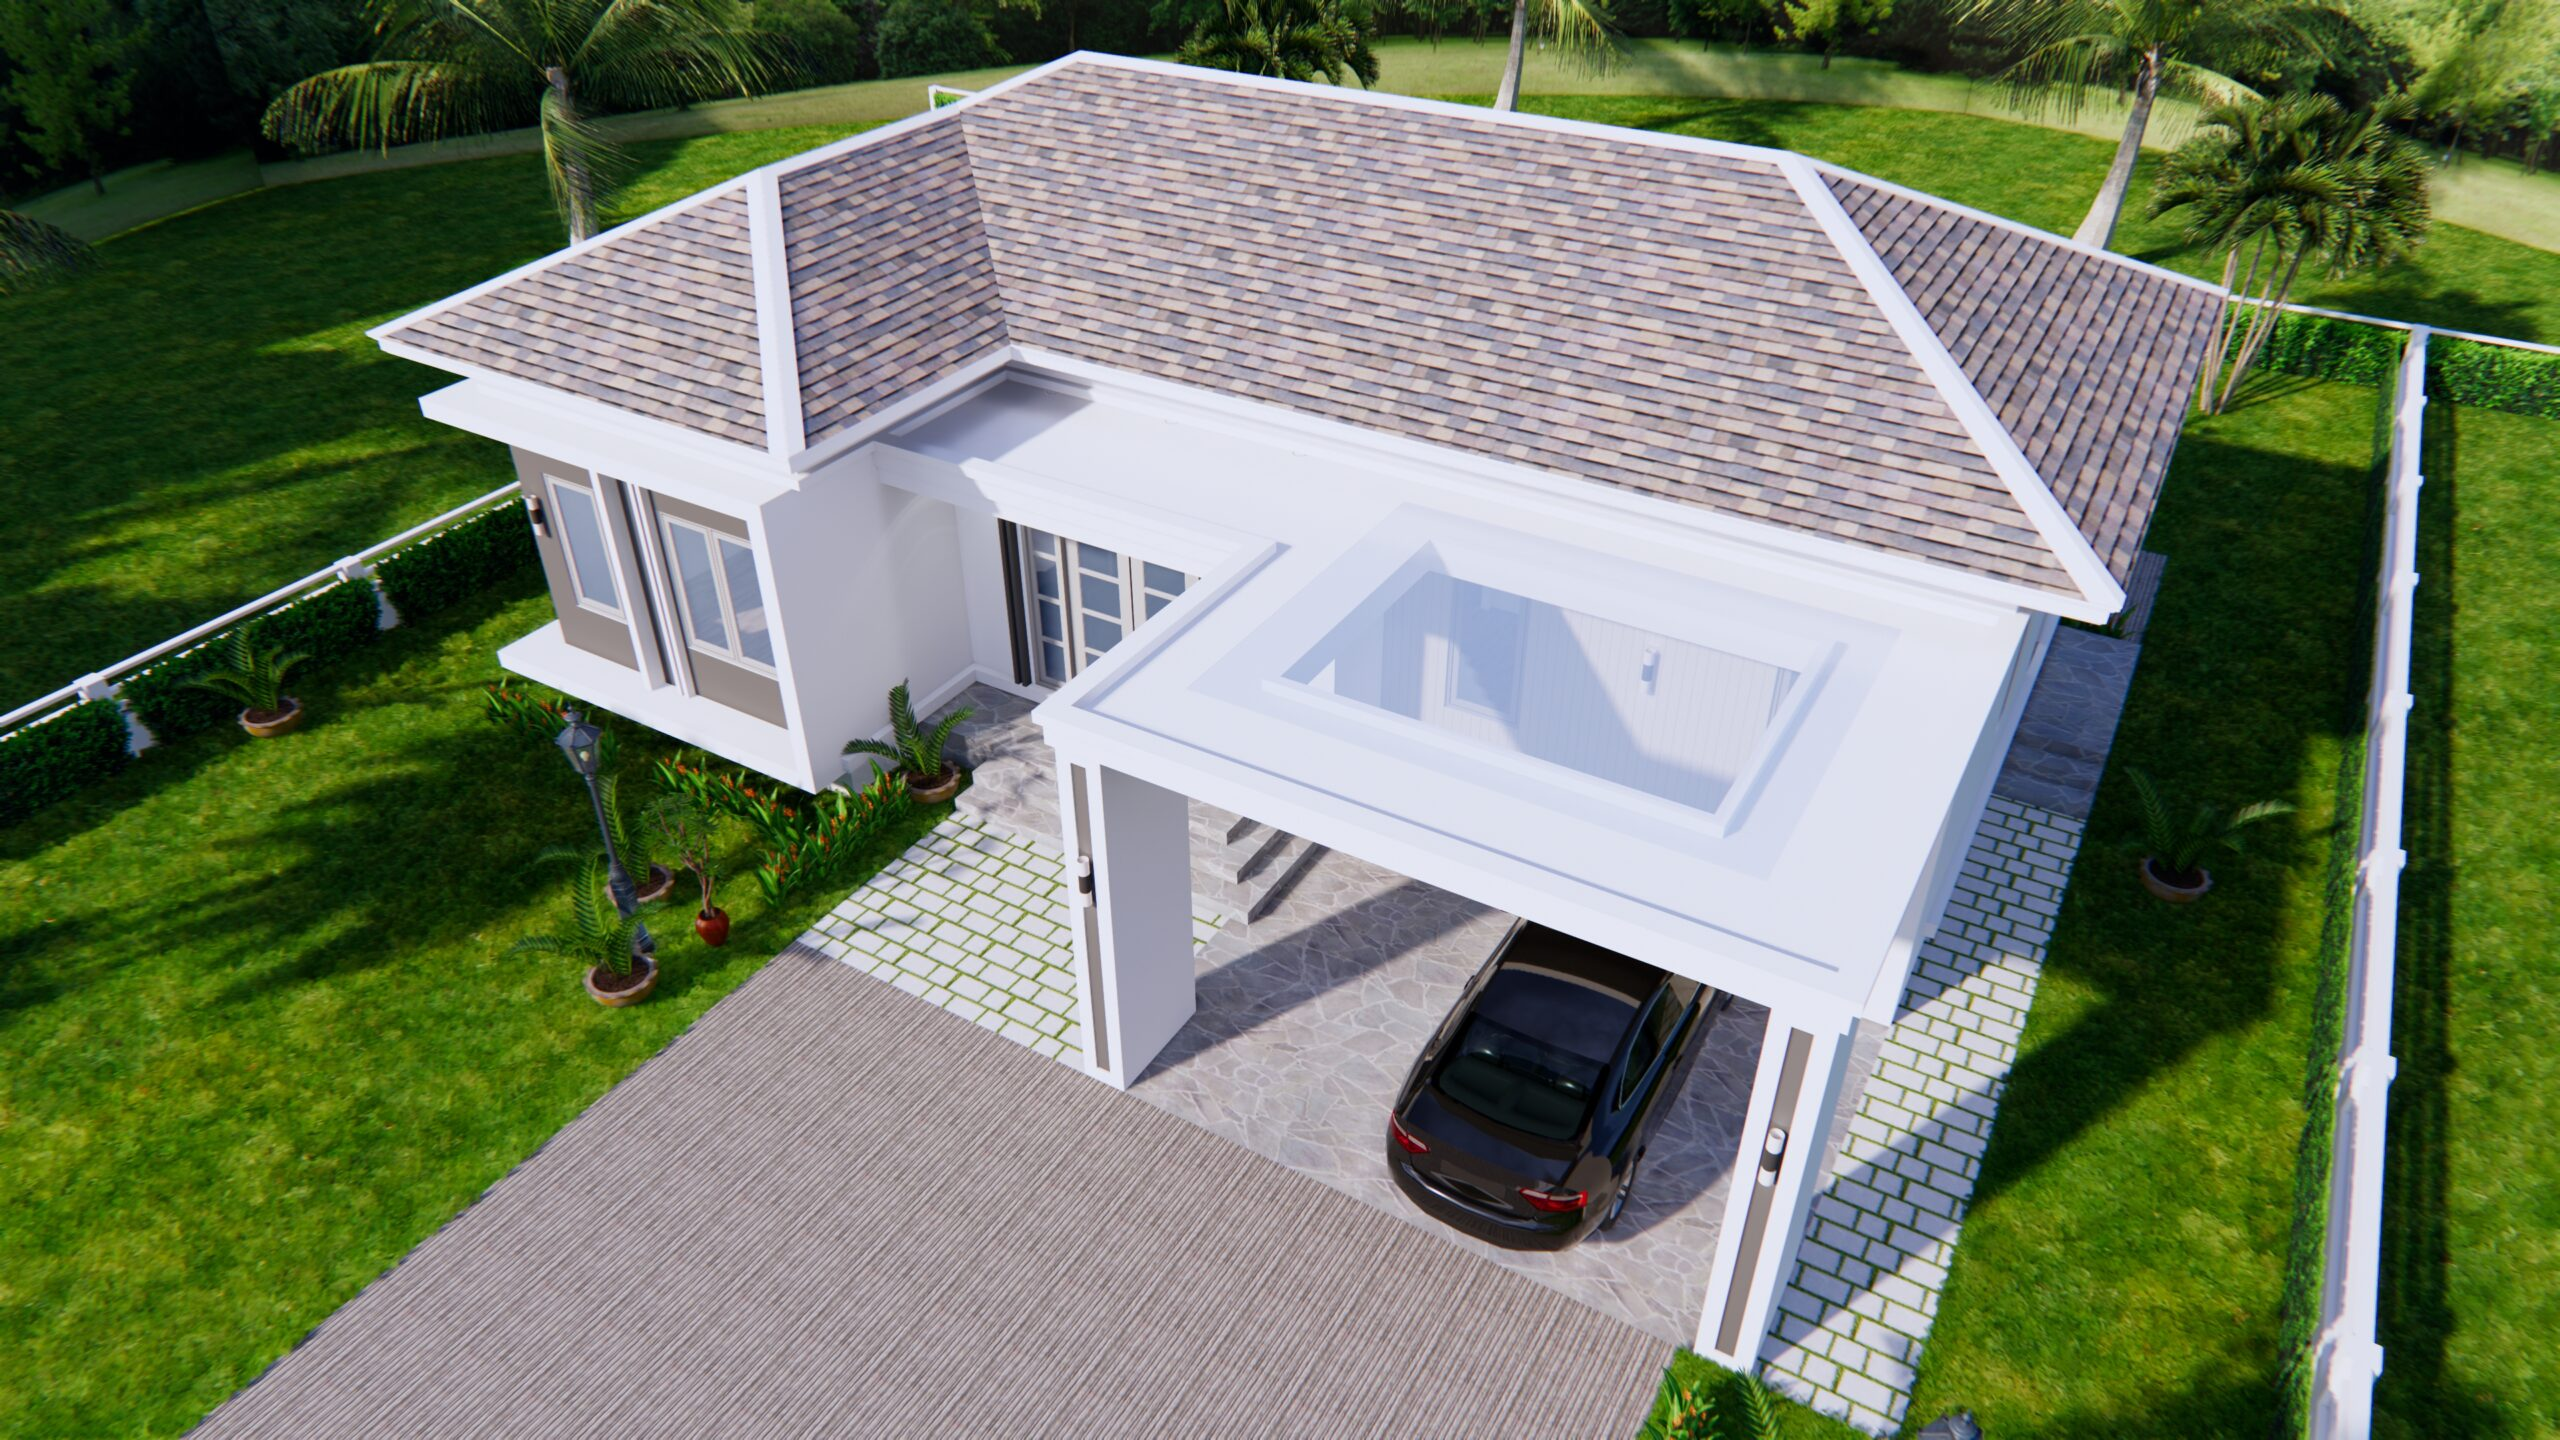 House Plans 14x11 Meter 46x36 Feet 3 Beds 4